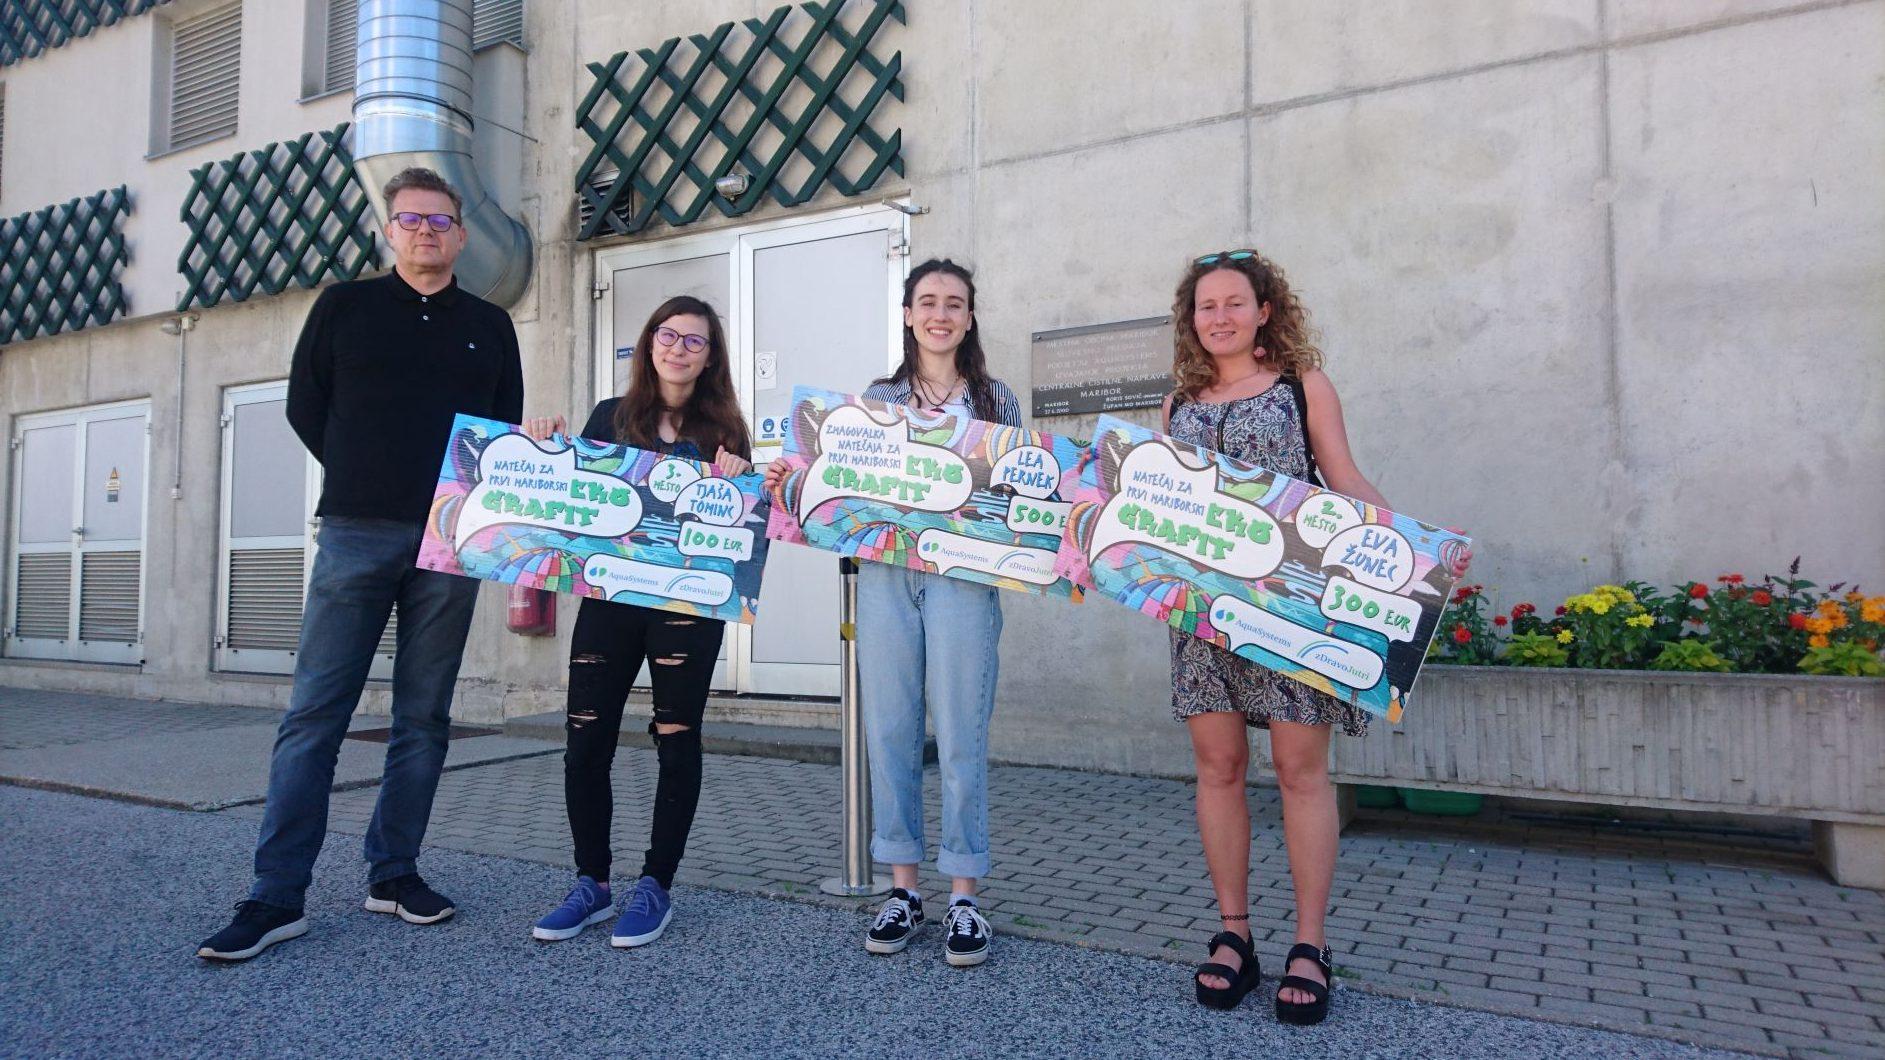 Z natečajem izbrali prvi EKO grafit za Maribor